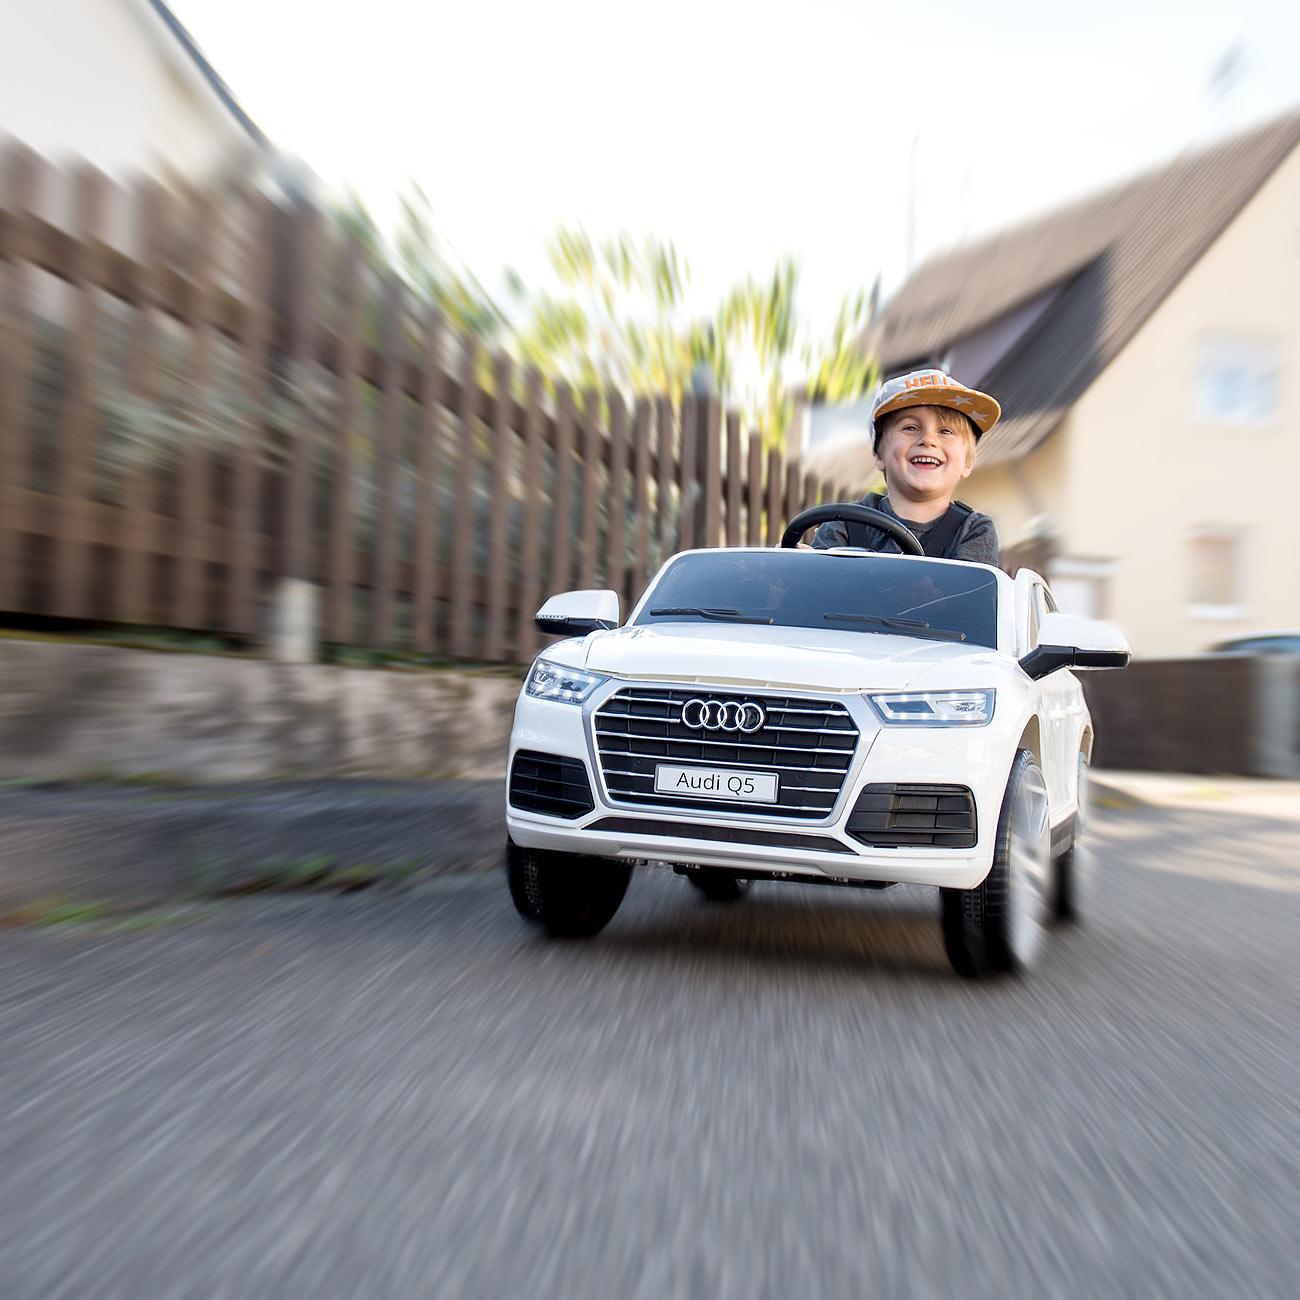 Playtastic Kinderauto Audi Q5, bis 7 km/h, Fernsteuerung, MP3, weiß, www.pearl.de